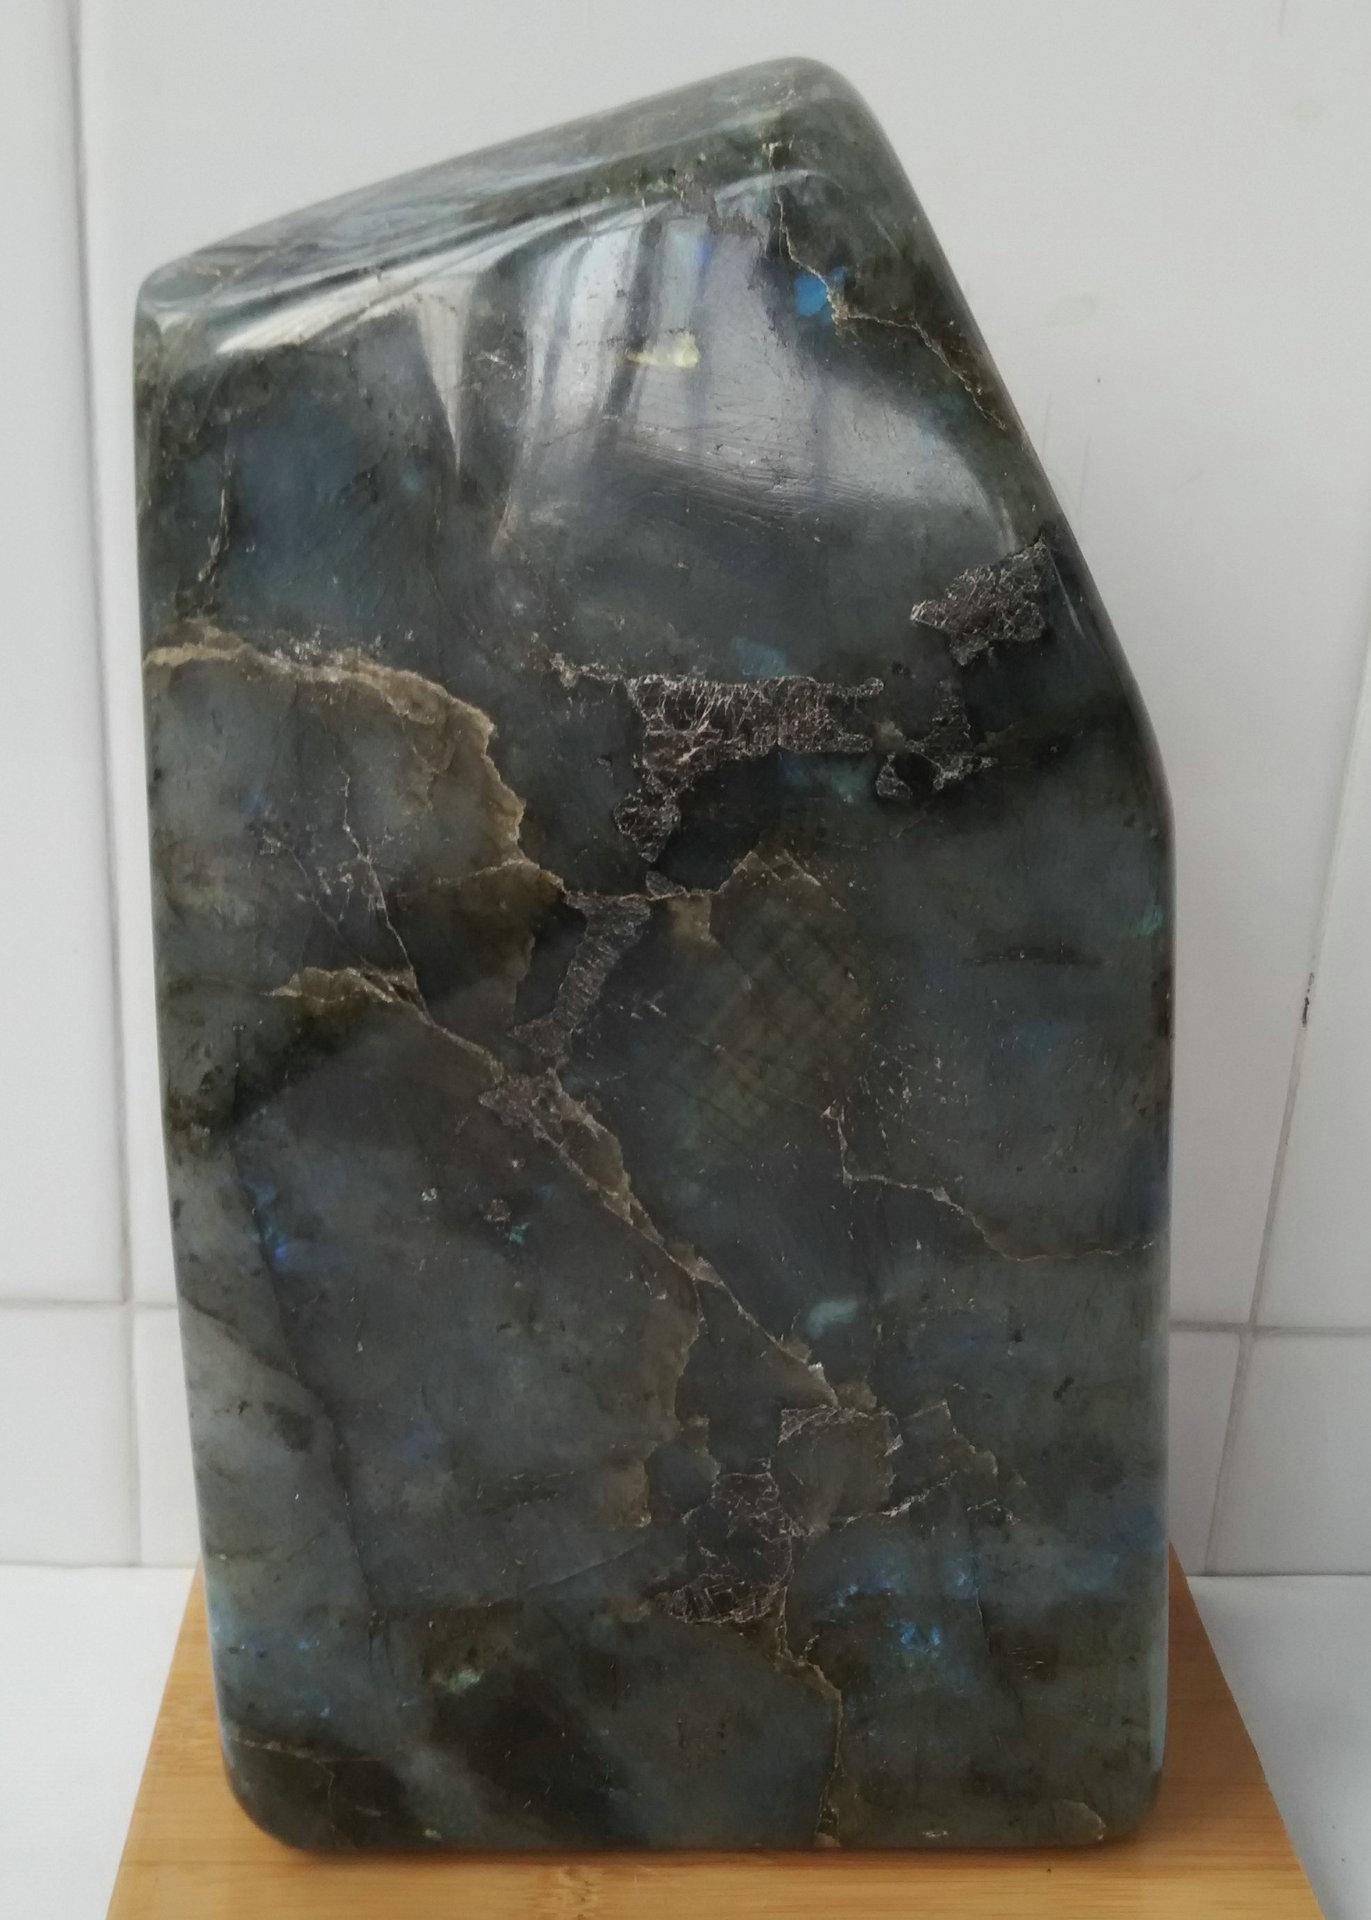 天然拉长石月光石摆件 拉长石原石摆件 6图片